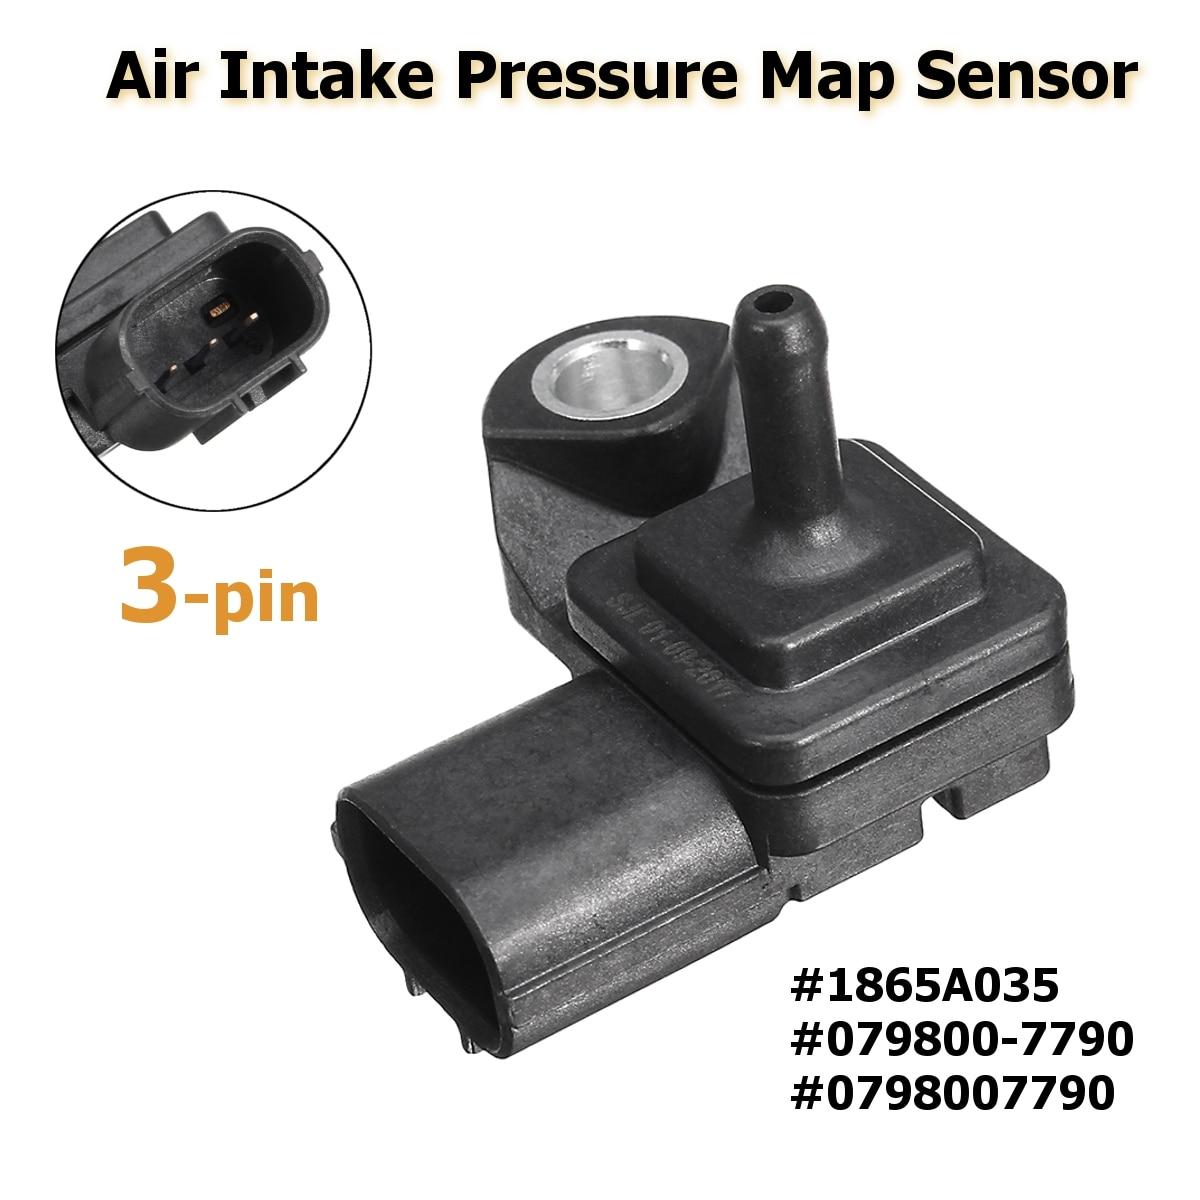 #1865A035 #0798007790 3 Pasadores entrada de aire Boost presión Mapas para Mitsubishi/Pajero/Montero V88W V98W l200